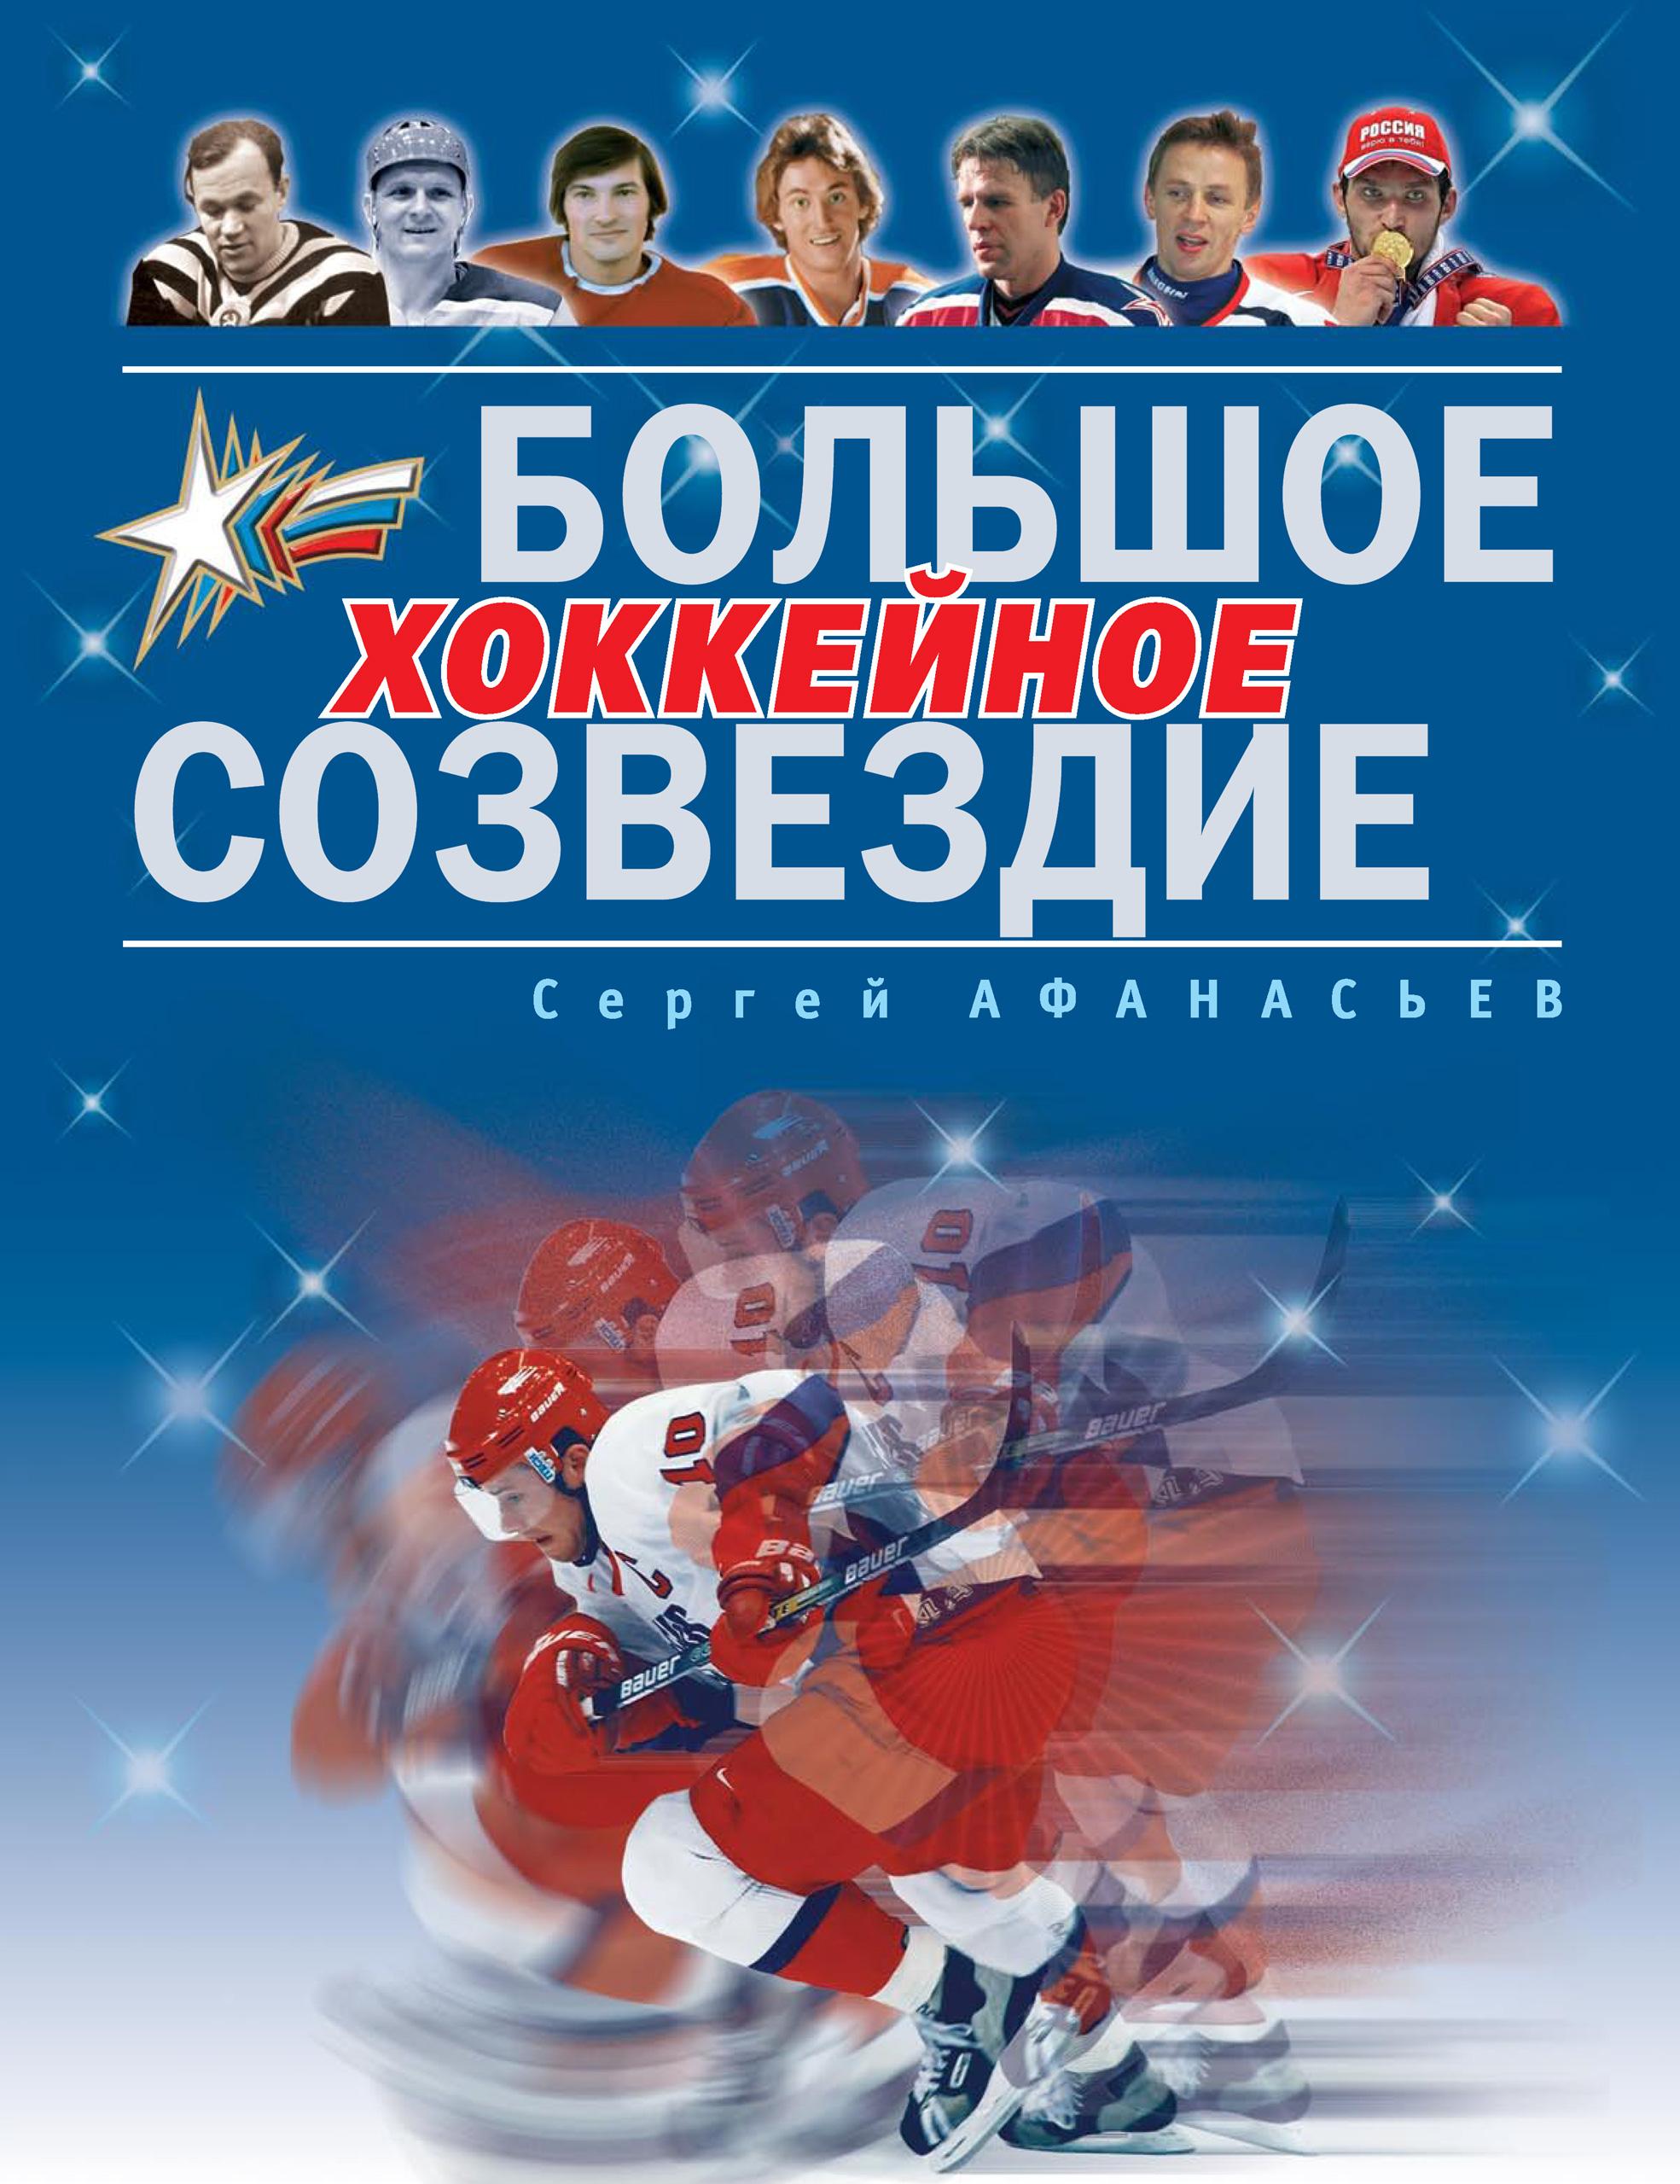 Сергей Афанасьев Большое хоккейное созвездие